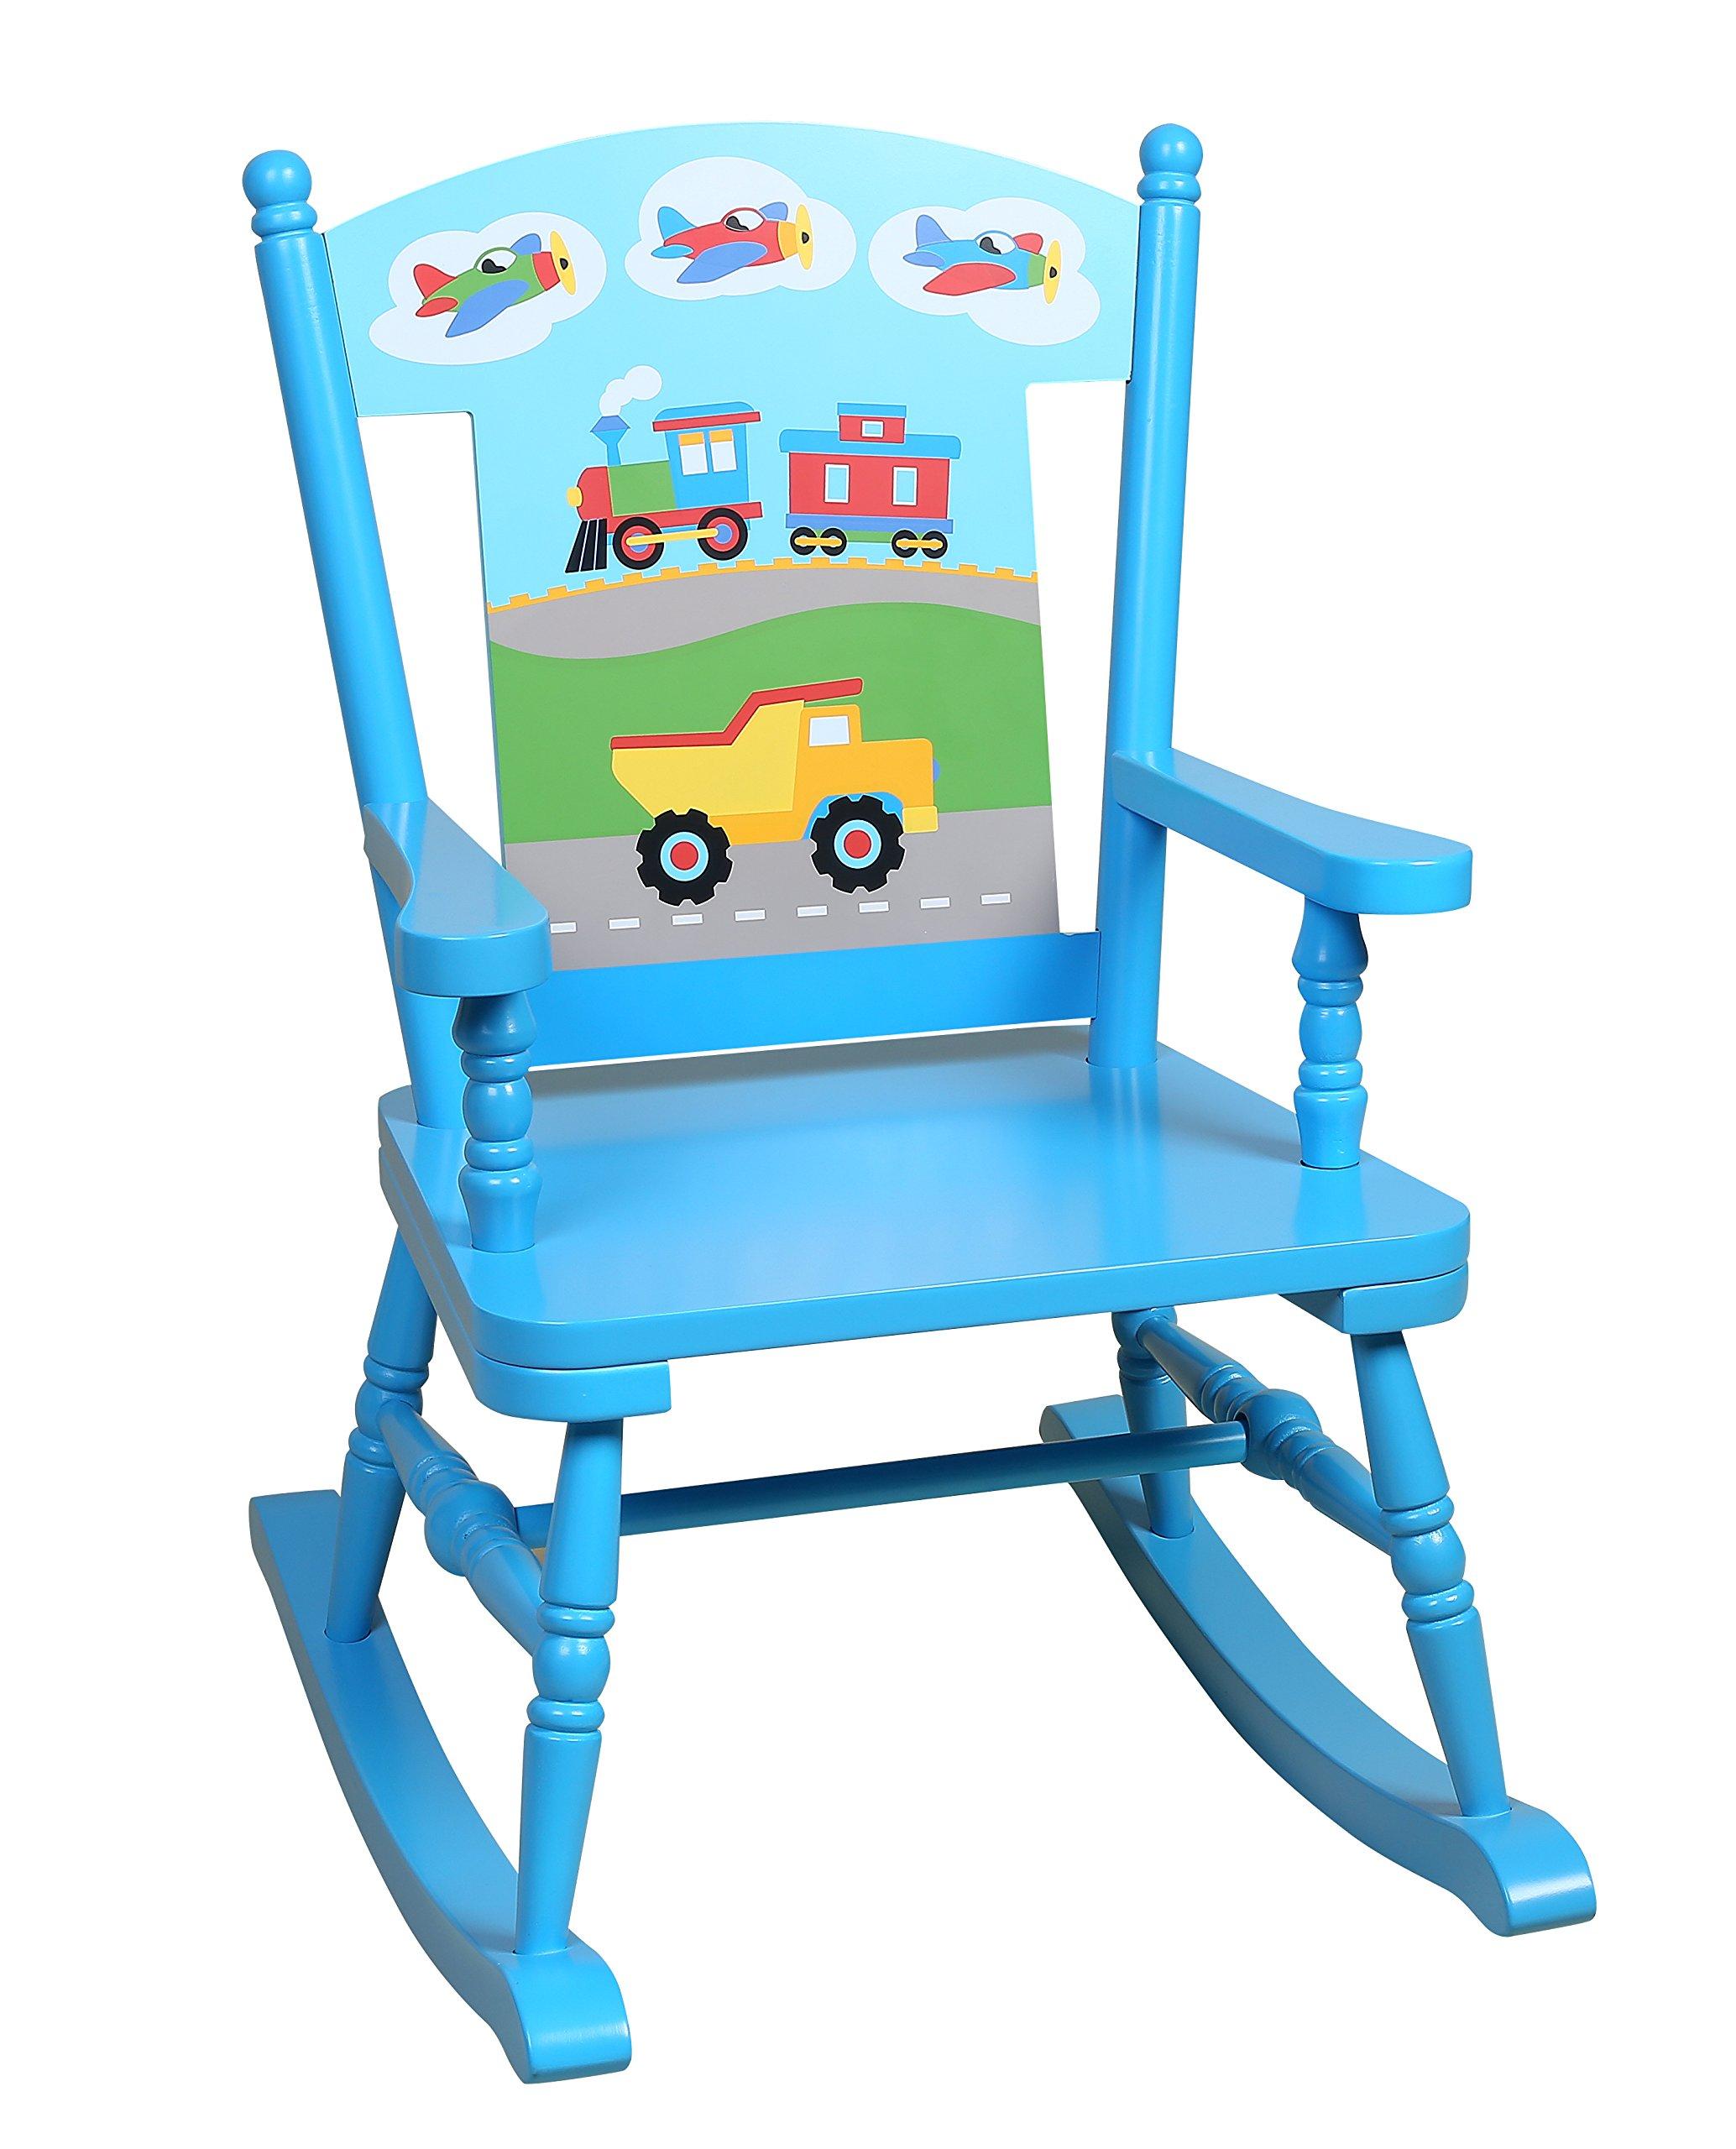 Wildkin Rocking Chair, Trains Planes & Trucks by Wildkin